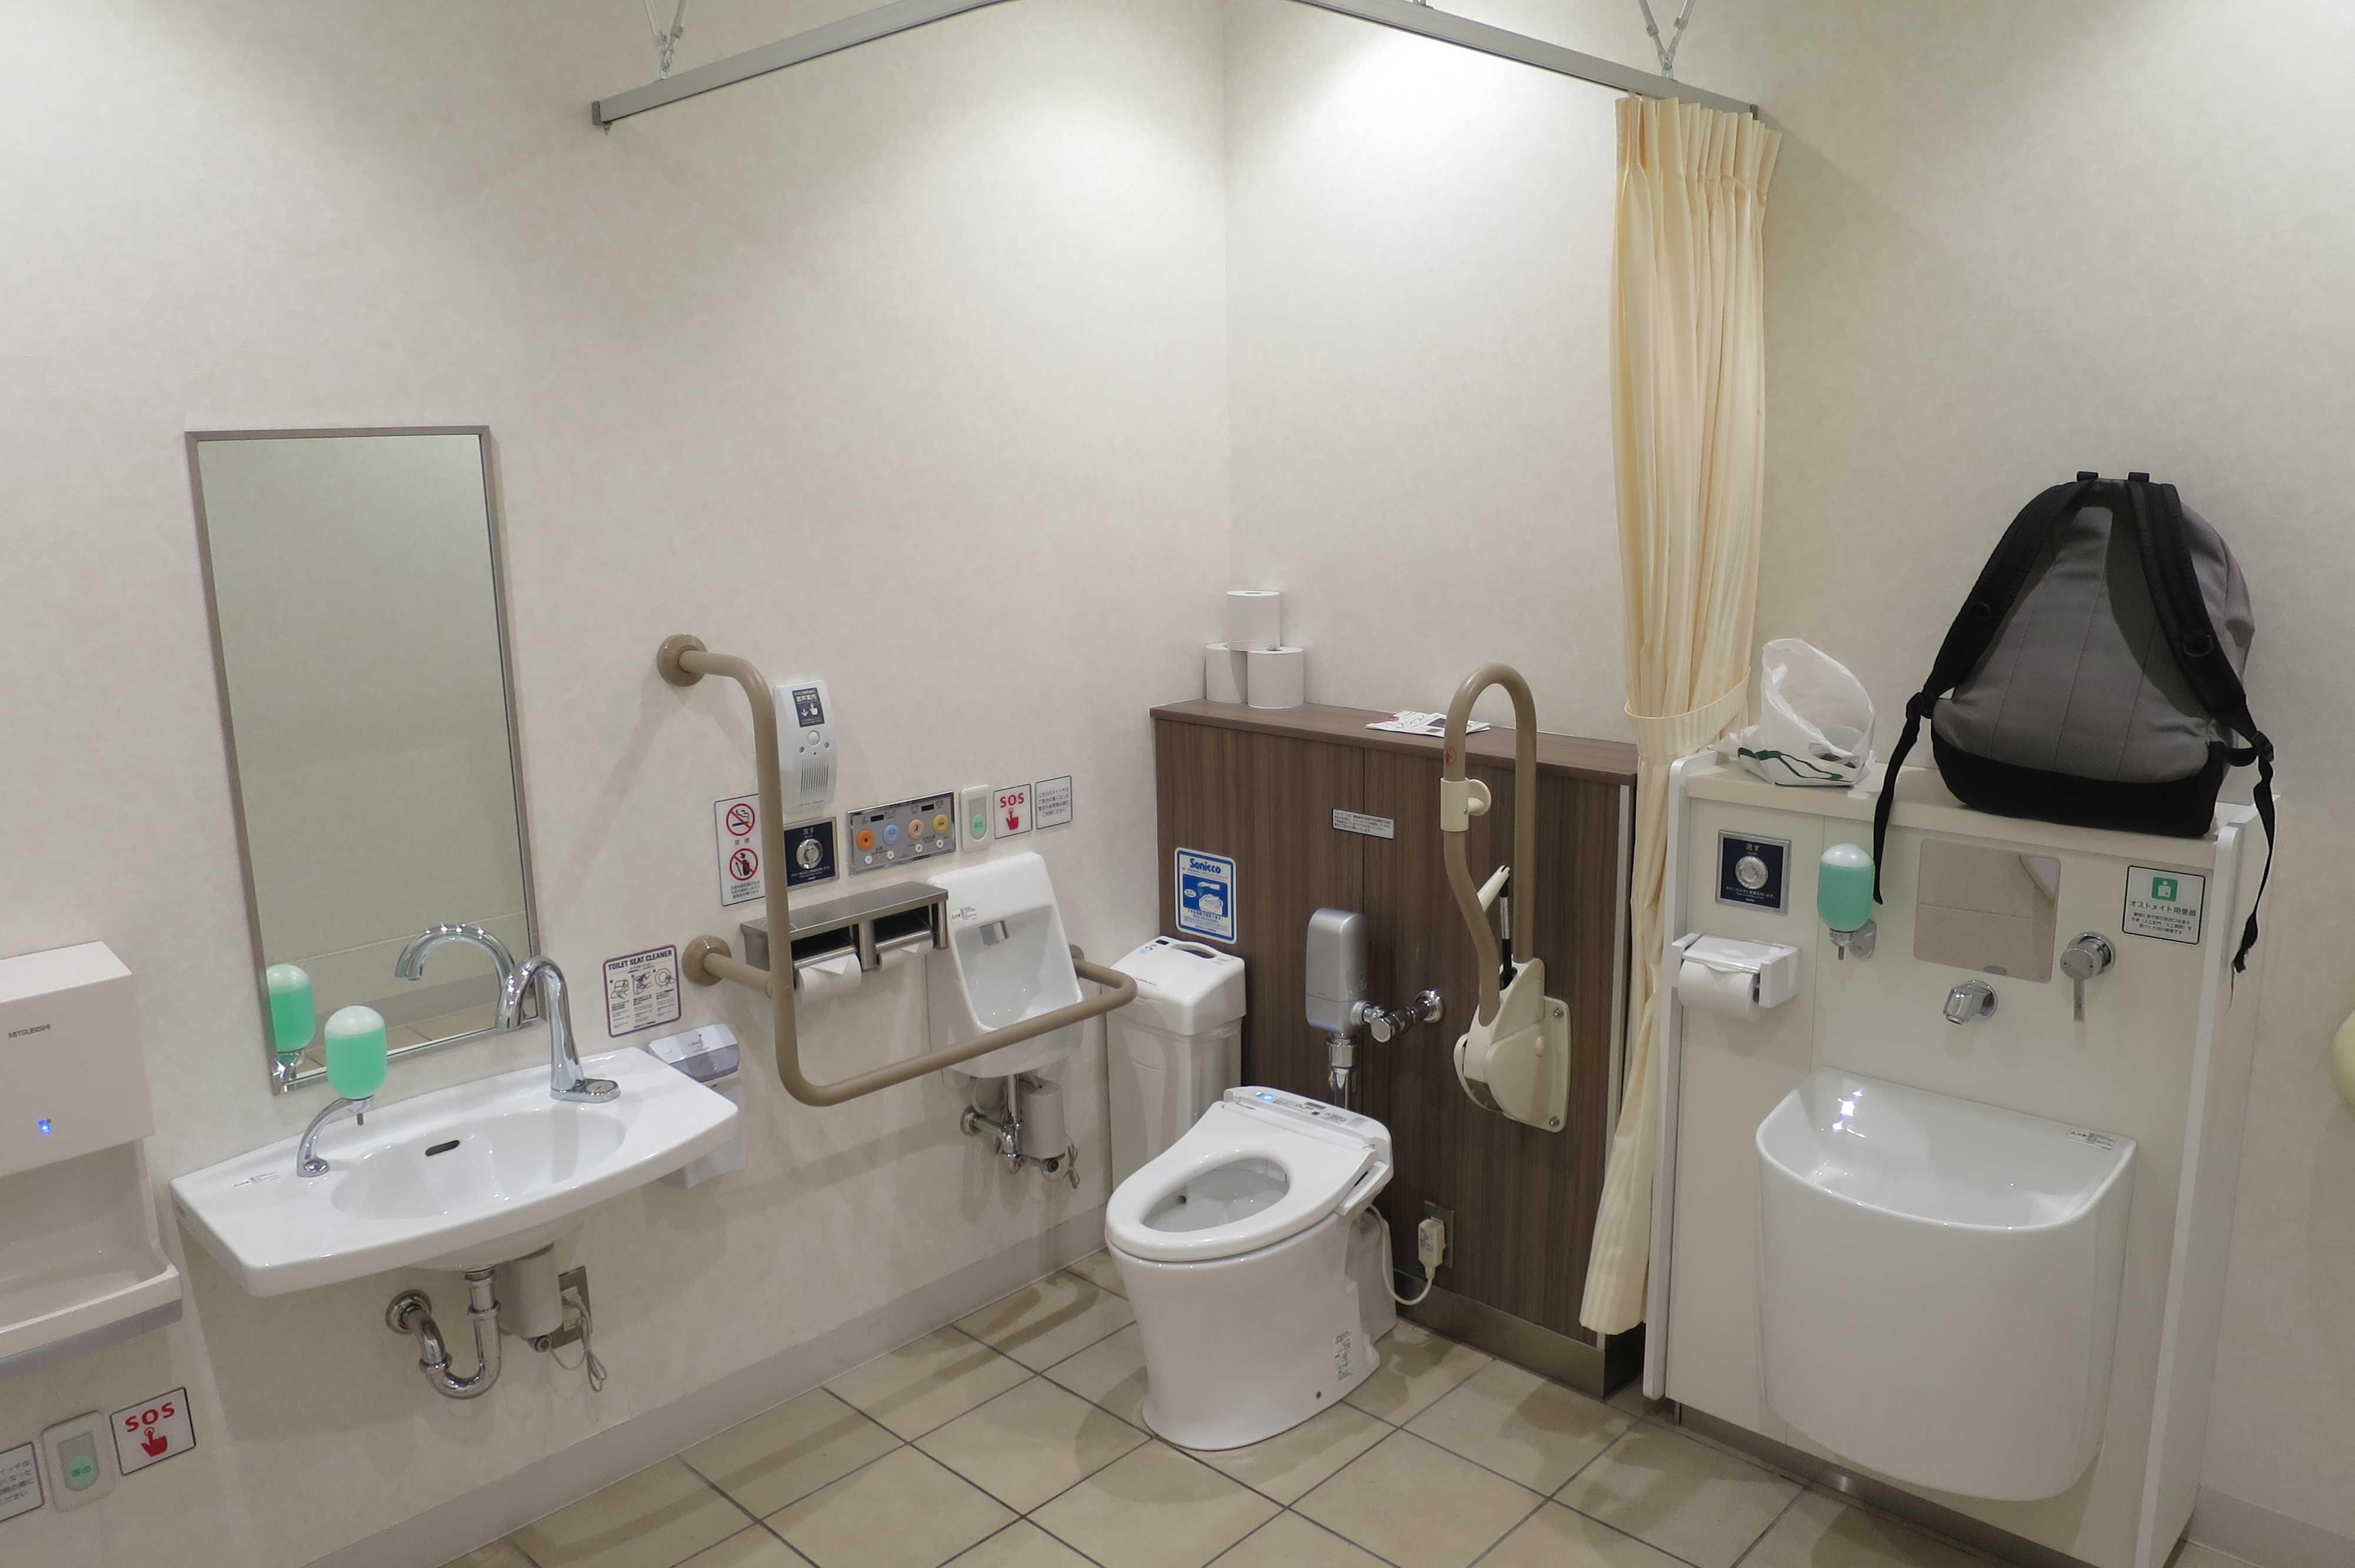 イオンモール岡山の豪華トイレ